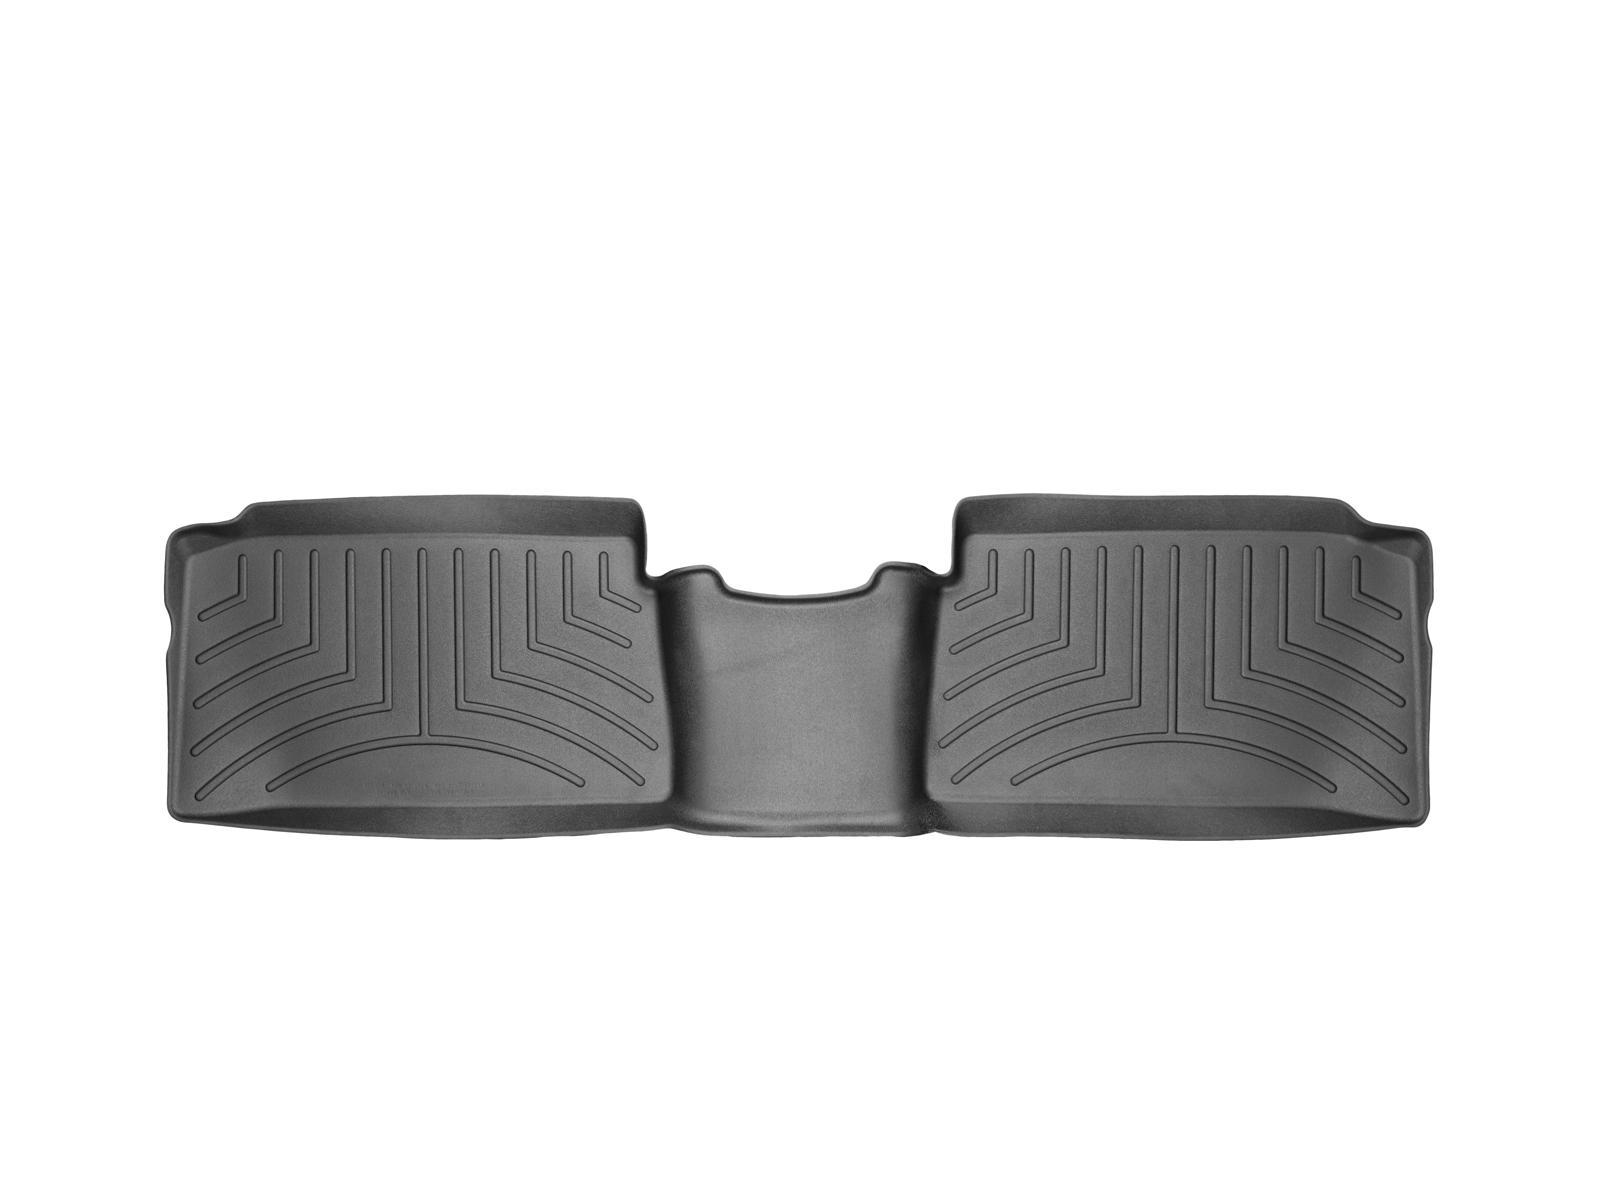 Tappeti gomma su misura bordo alto Lexus CT 11>17 Nero A2012*